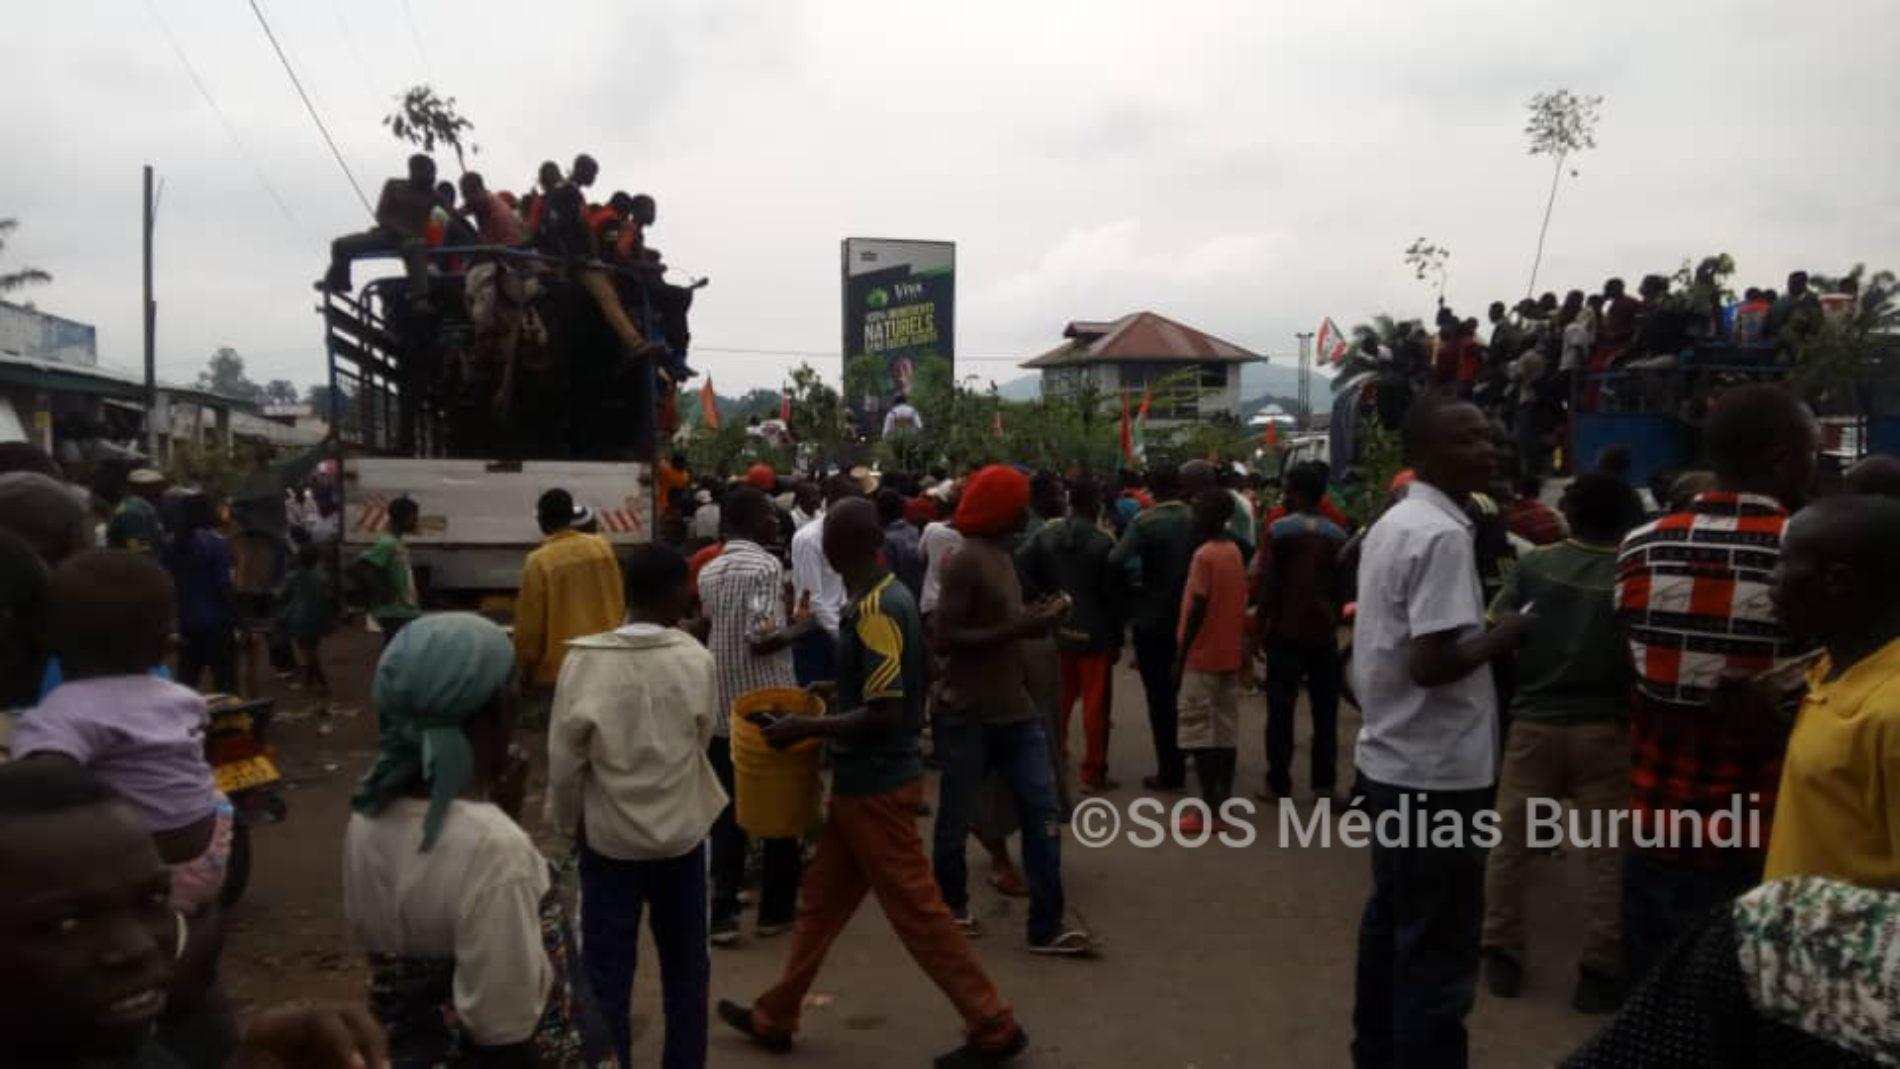 Accueil peu enthousiaste du candidat du CNDD-FDD à Bubanza